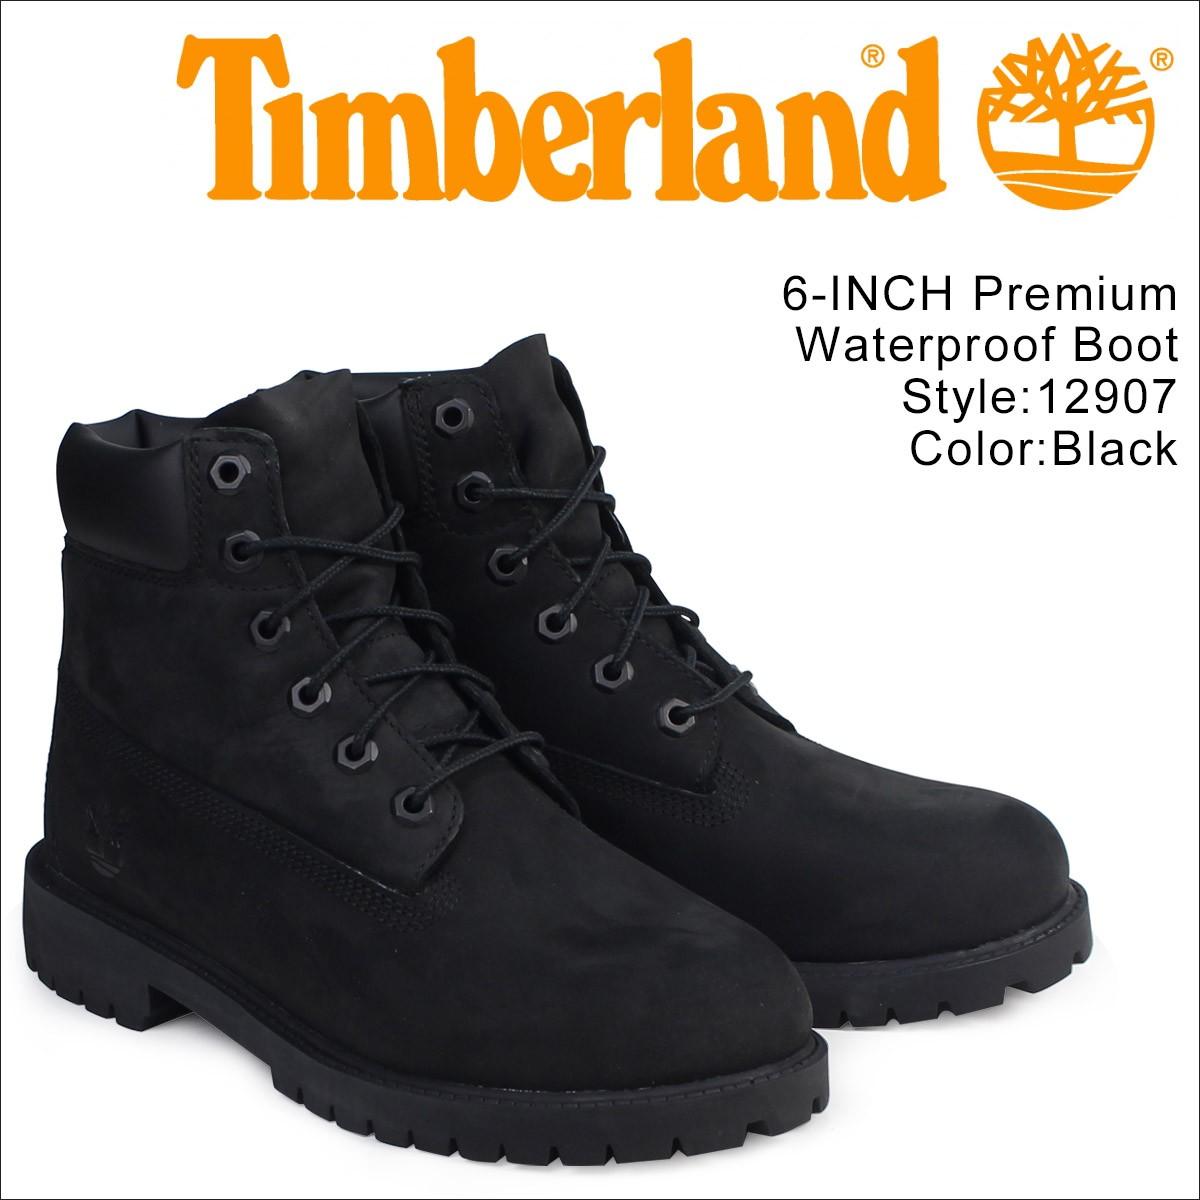 ティンバーランド Timberland レディース 6INCH WATERPROOF BOOTS ブーツ 6インチ プレミアム ウォータープルーフ ブーツ 12907 ブラック [8/10 再入荷]